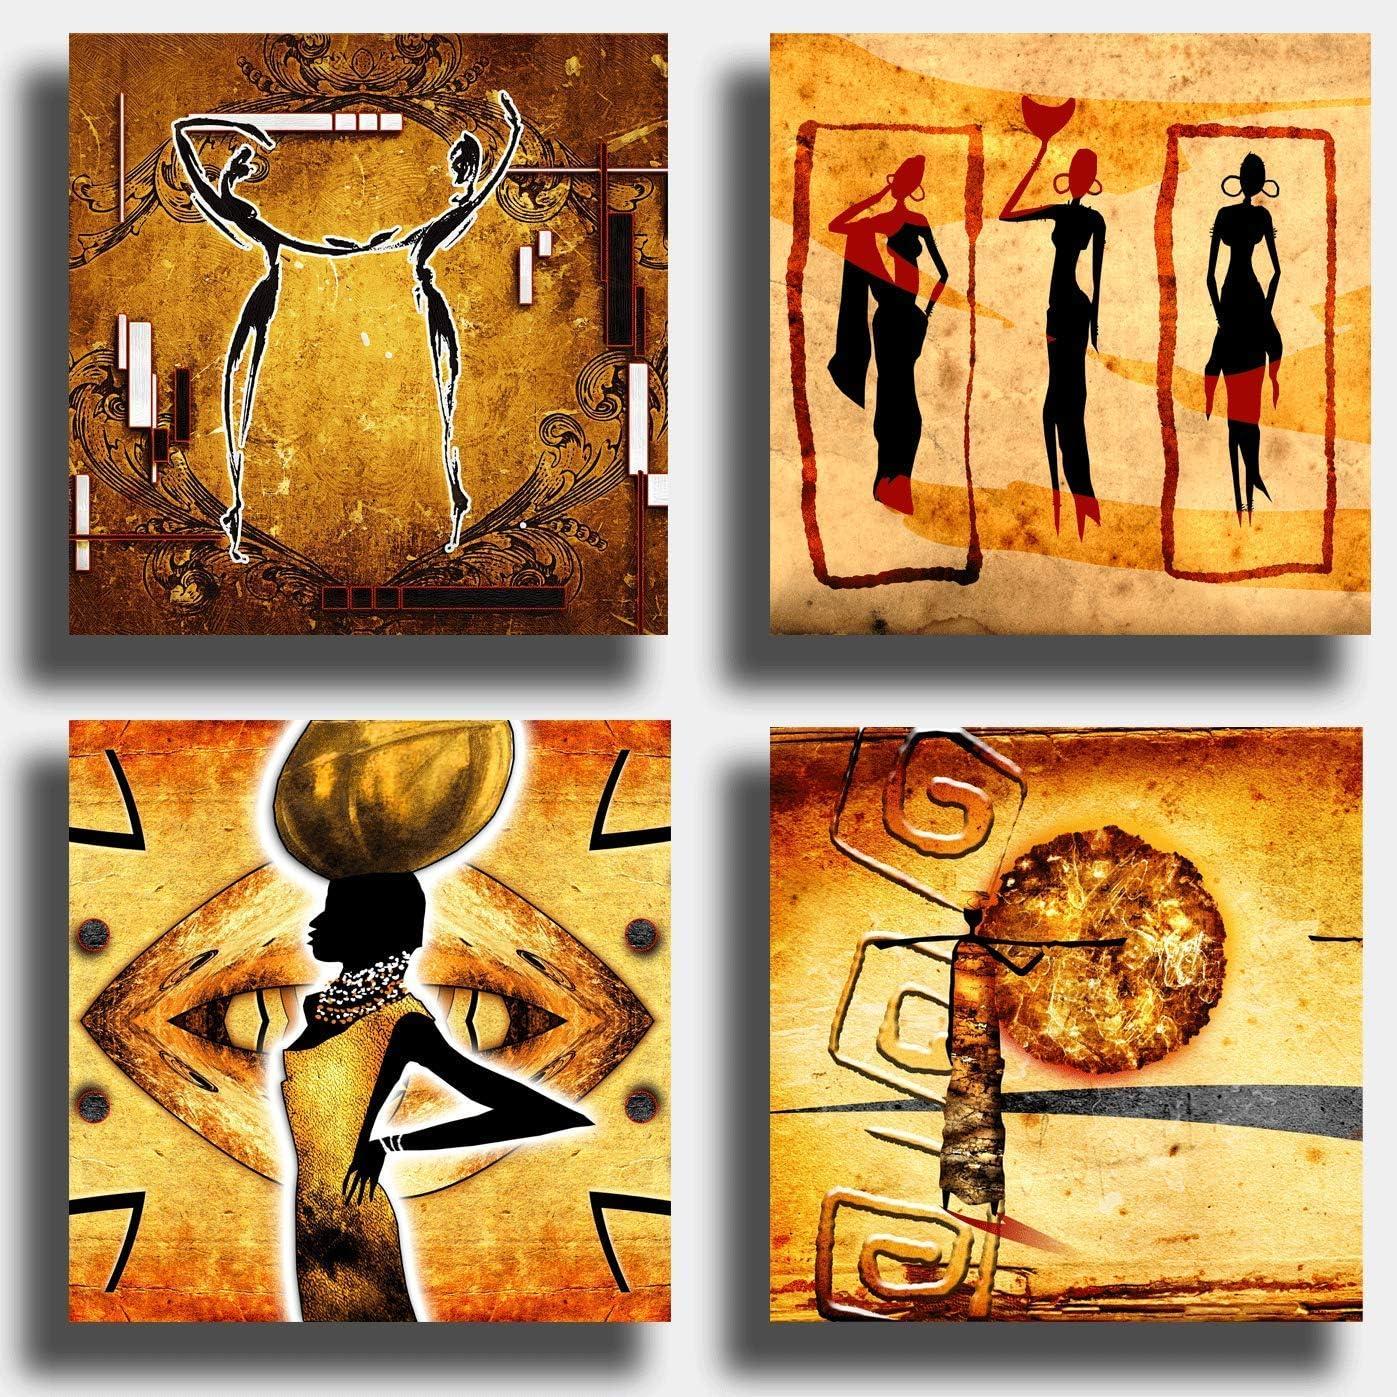 Printerland Cuadros Modernos étnicos 4 Piezas 40 x 40 cm Arte Africano Sol impresión sobre Lienzo Lienzo decoración Abstracto XXL decoración salón Dormitorio Cocina Oficina Bar Restaurante